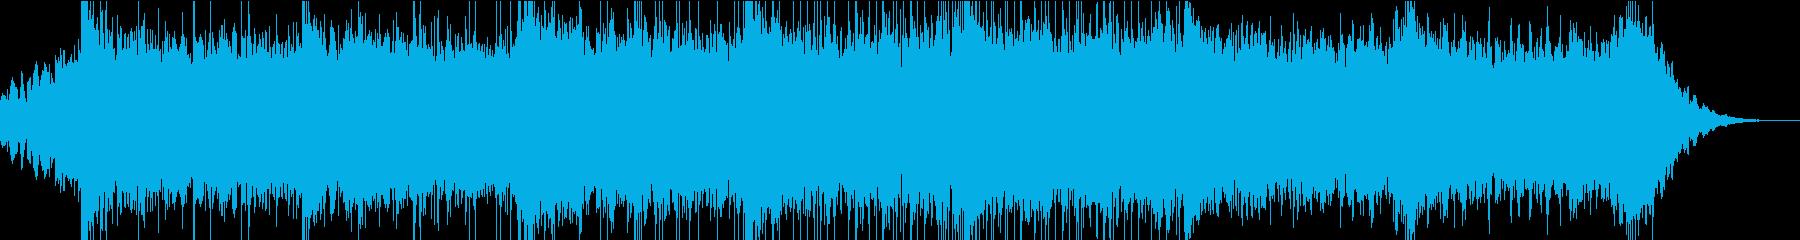 広がりのある自然を感じる曲調の再生済みの波形